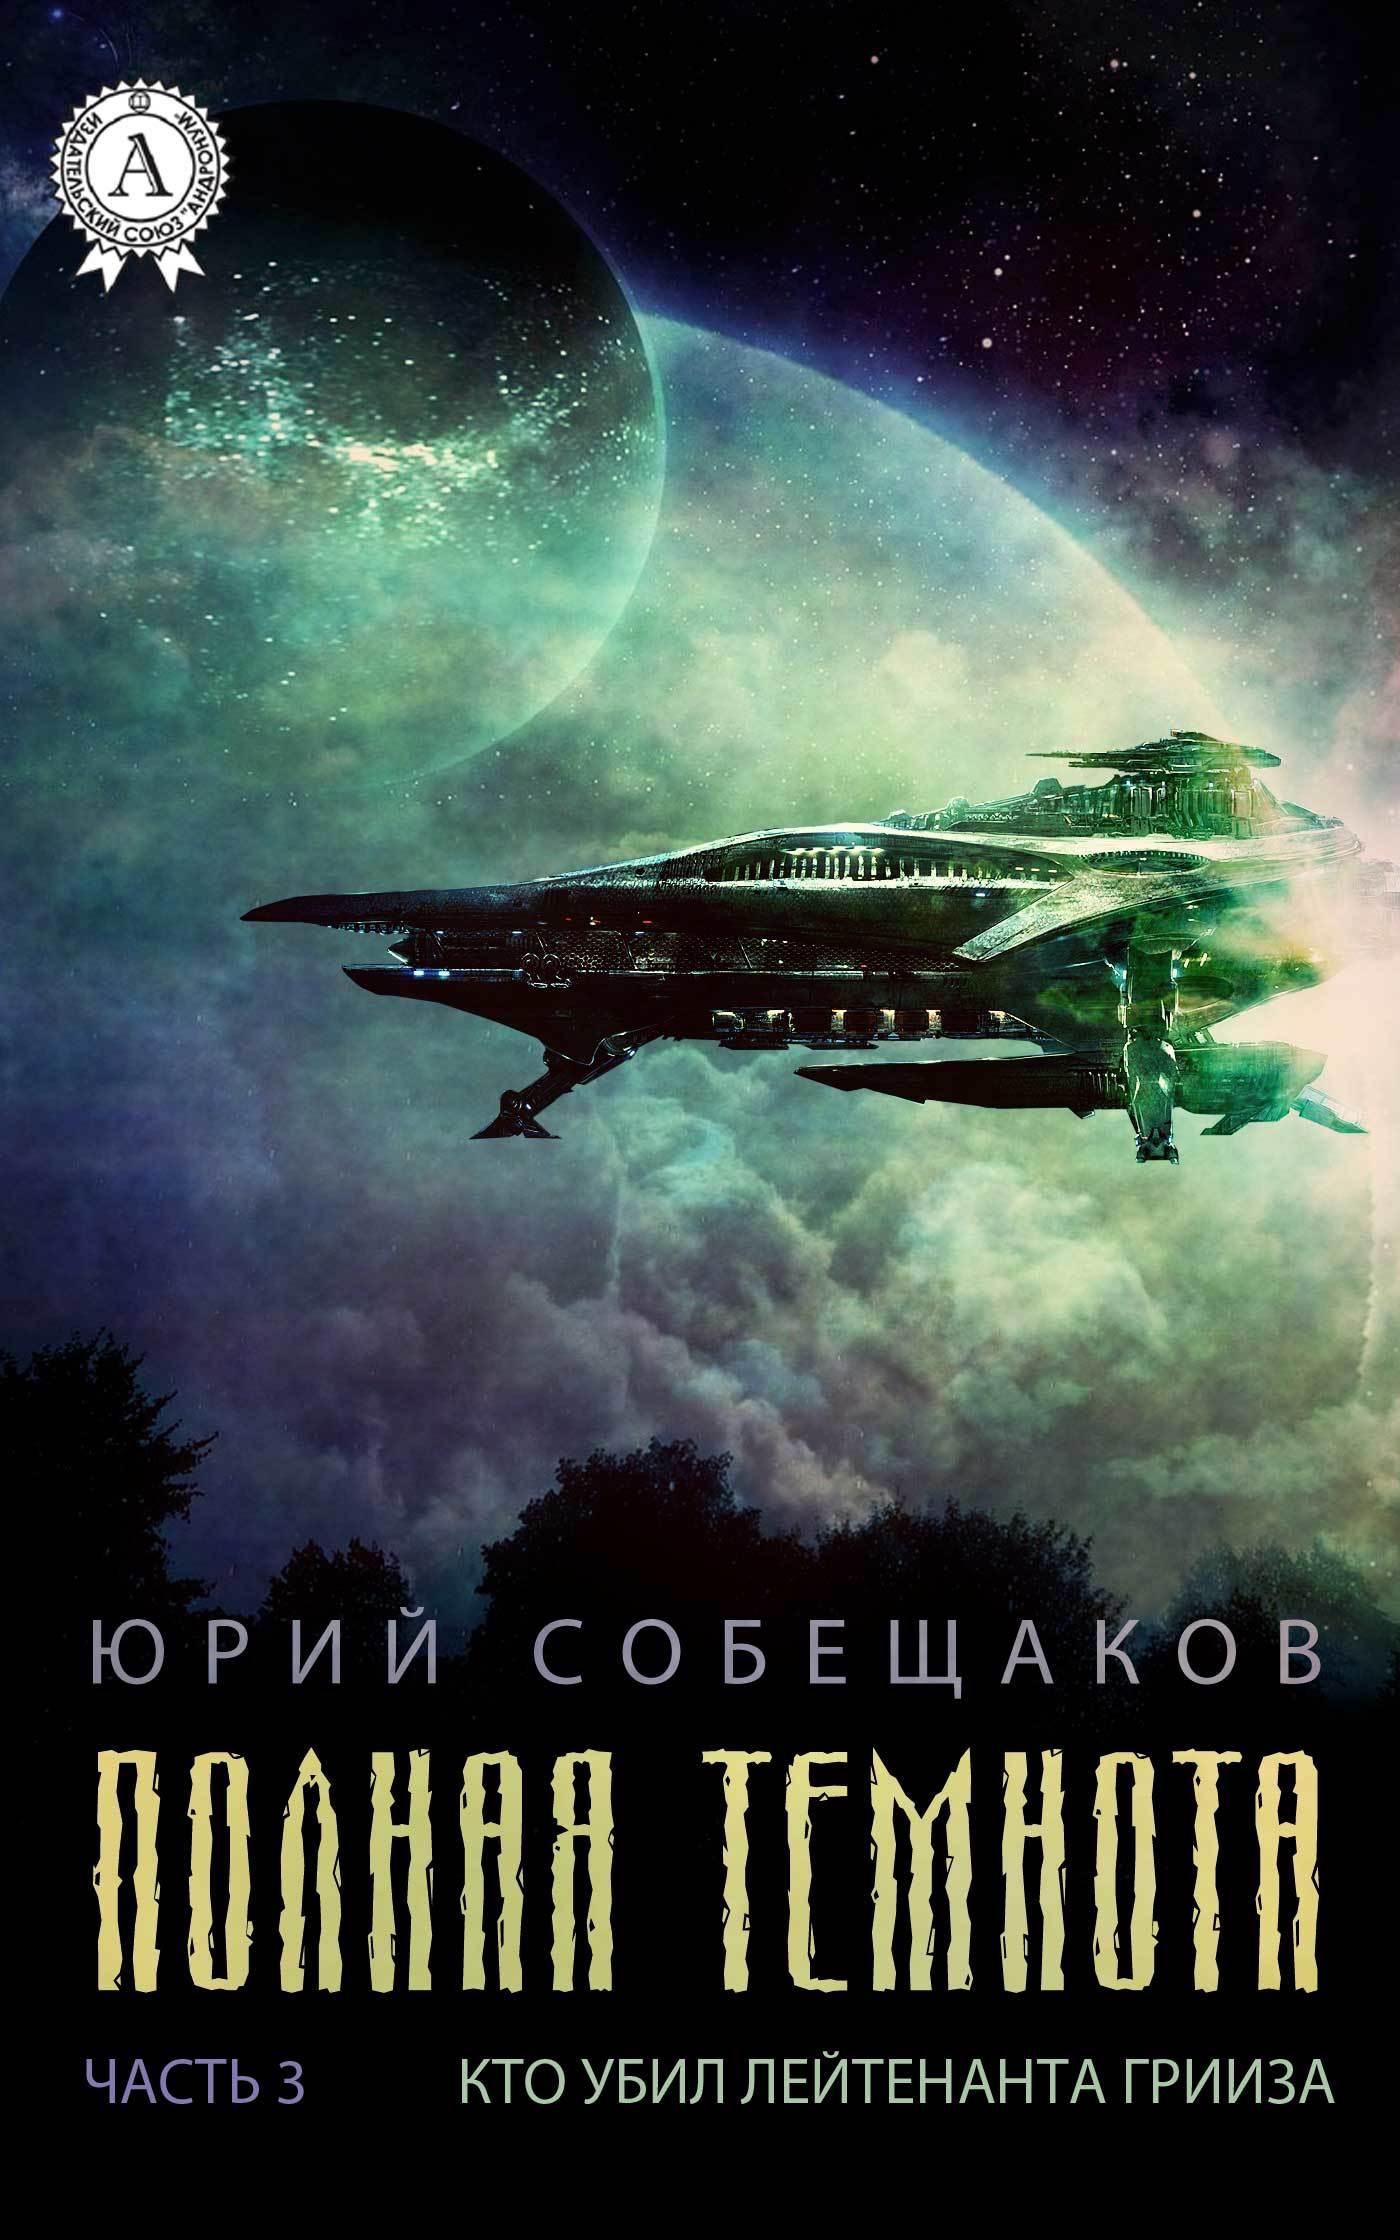 Юрий Собещаков - Кто убил лейтенанта Грииза